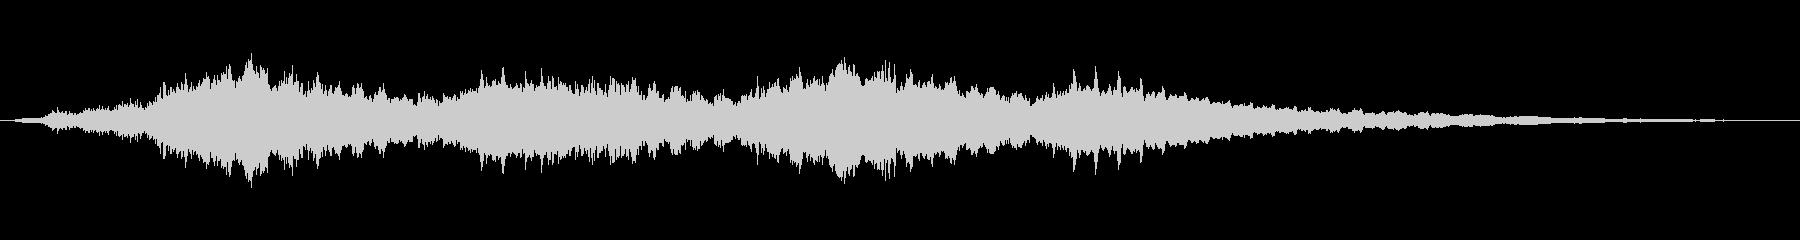 FI デバイス グリッチスキャナー02の未再生の波形